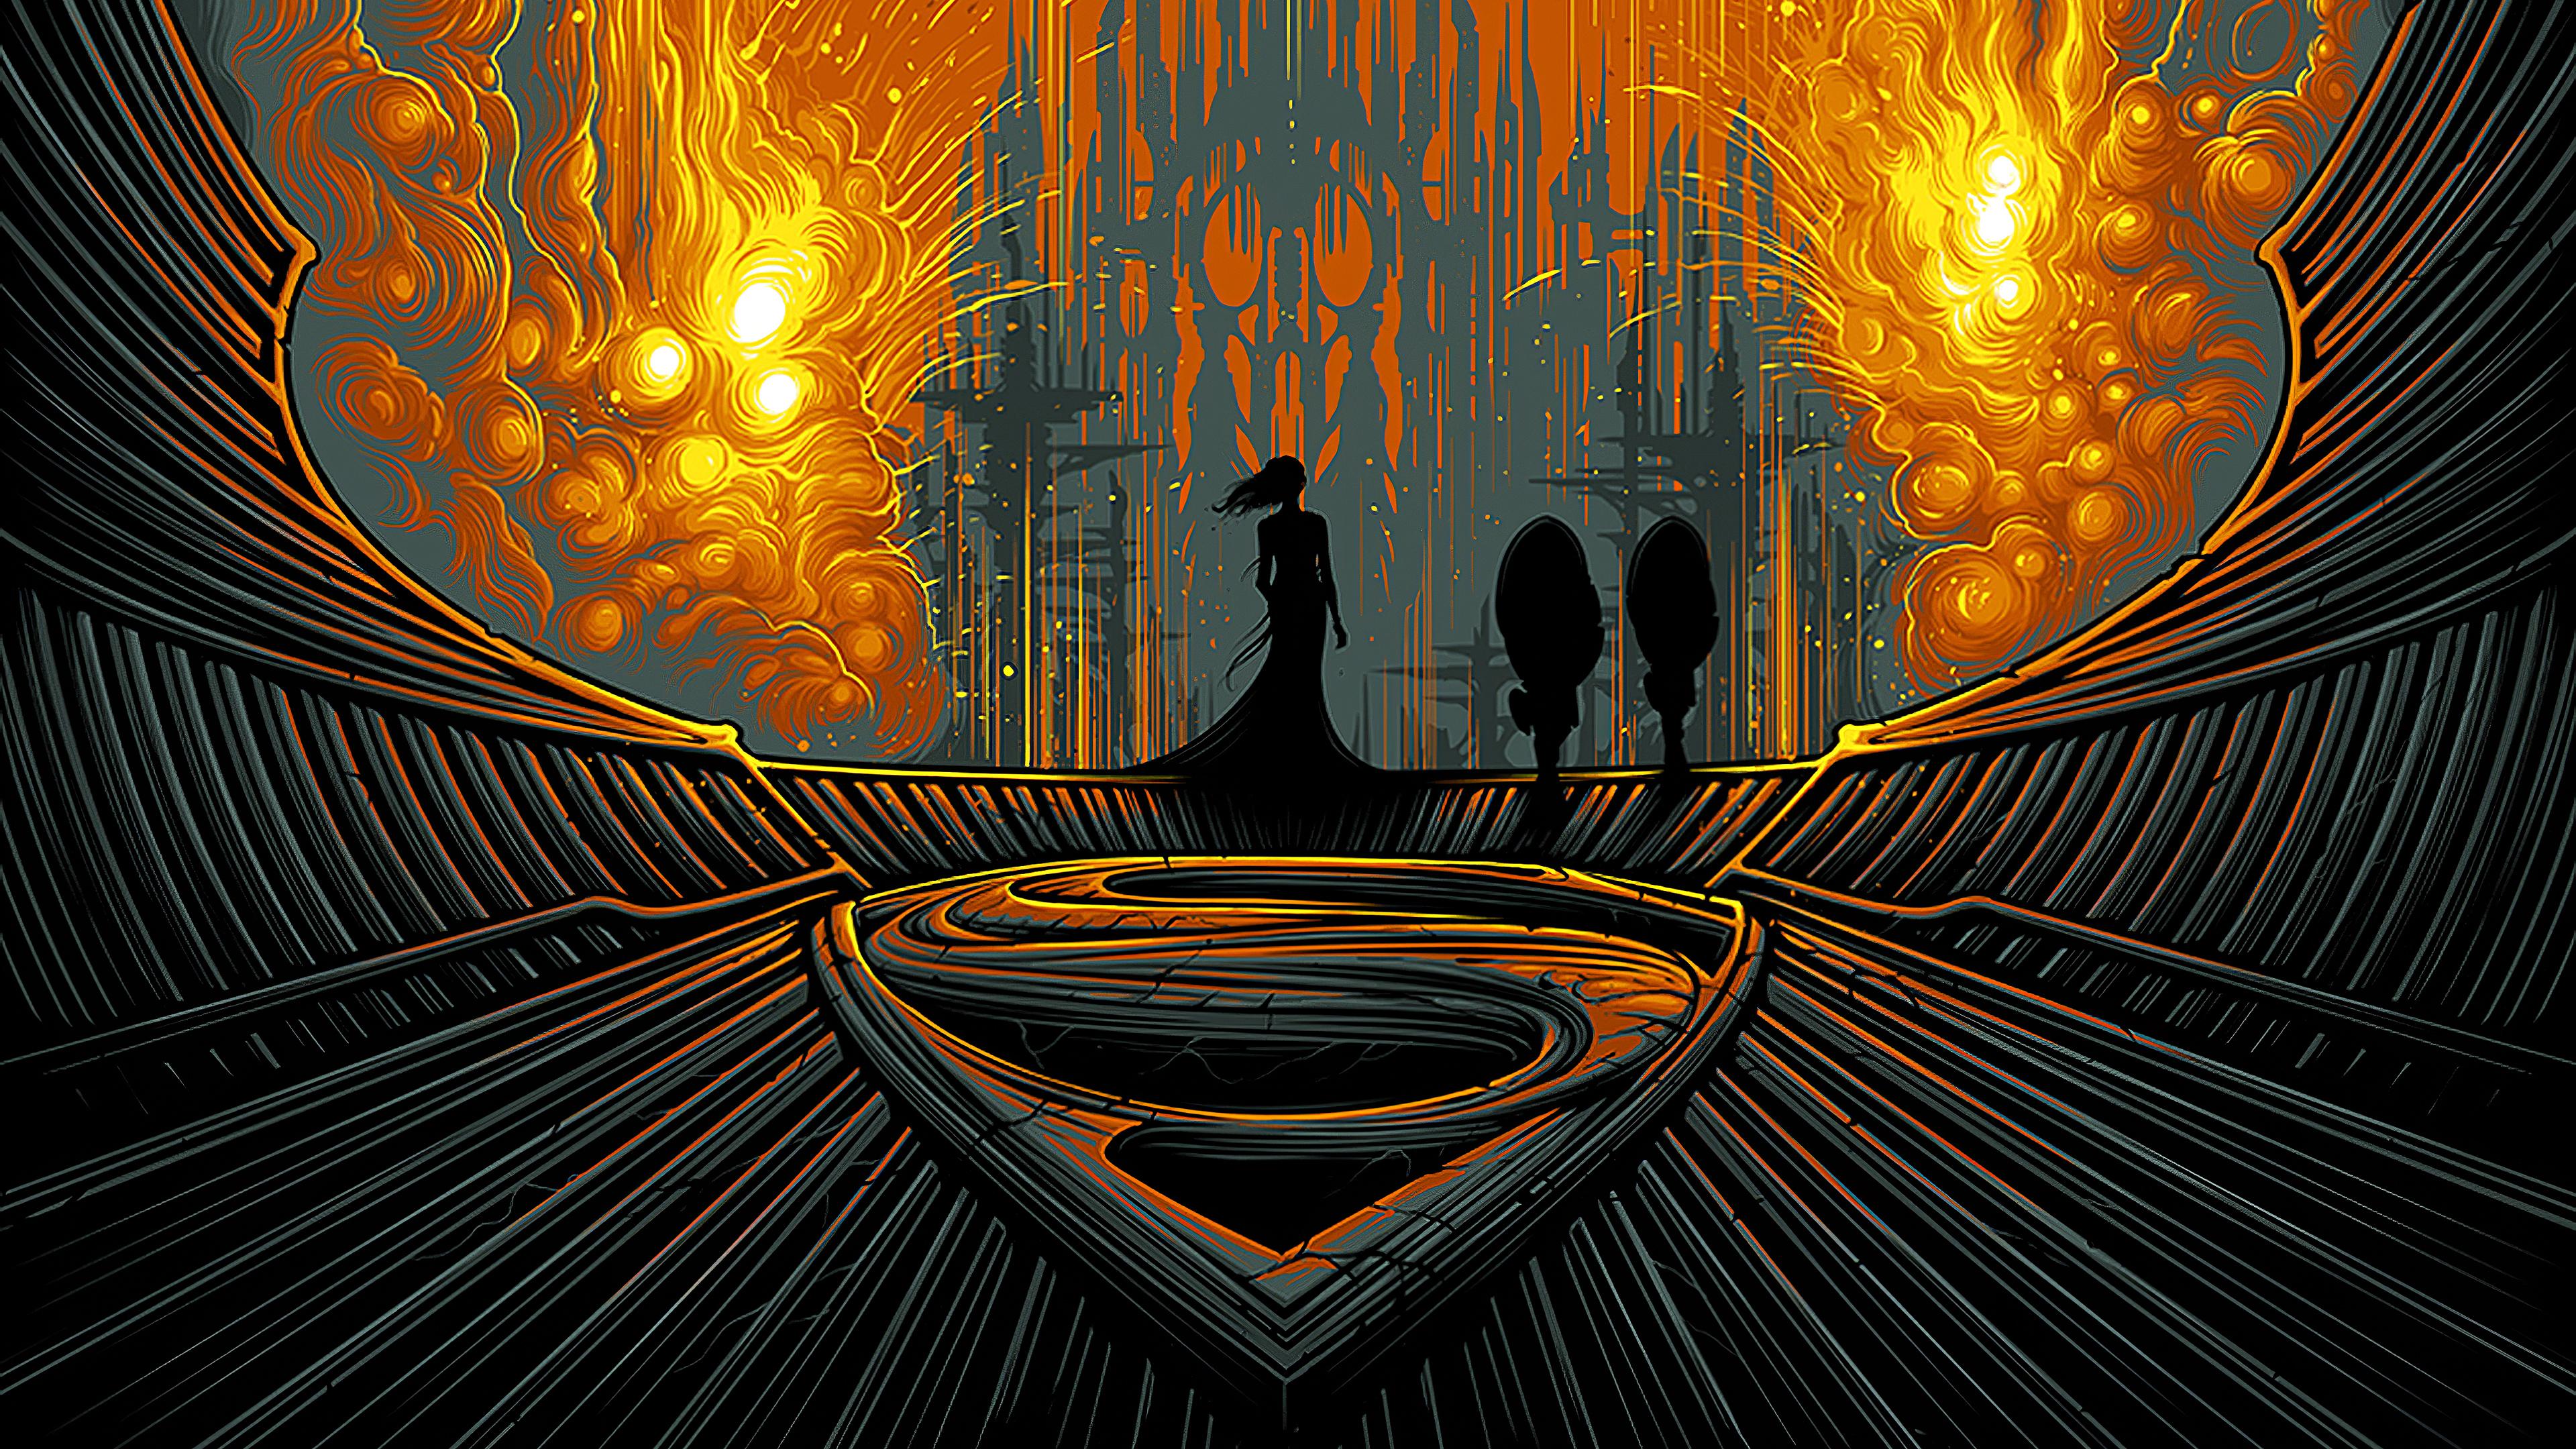 Man Of Steel Artistic Poster, HD Superheroes, 4k ...